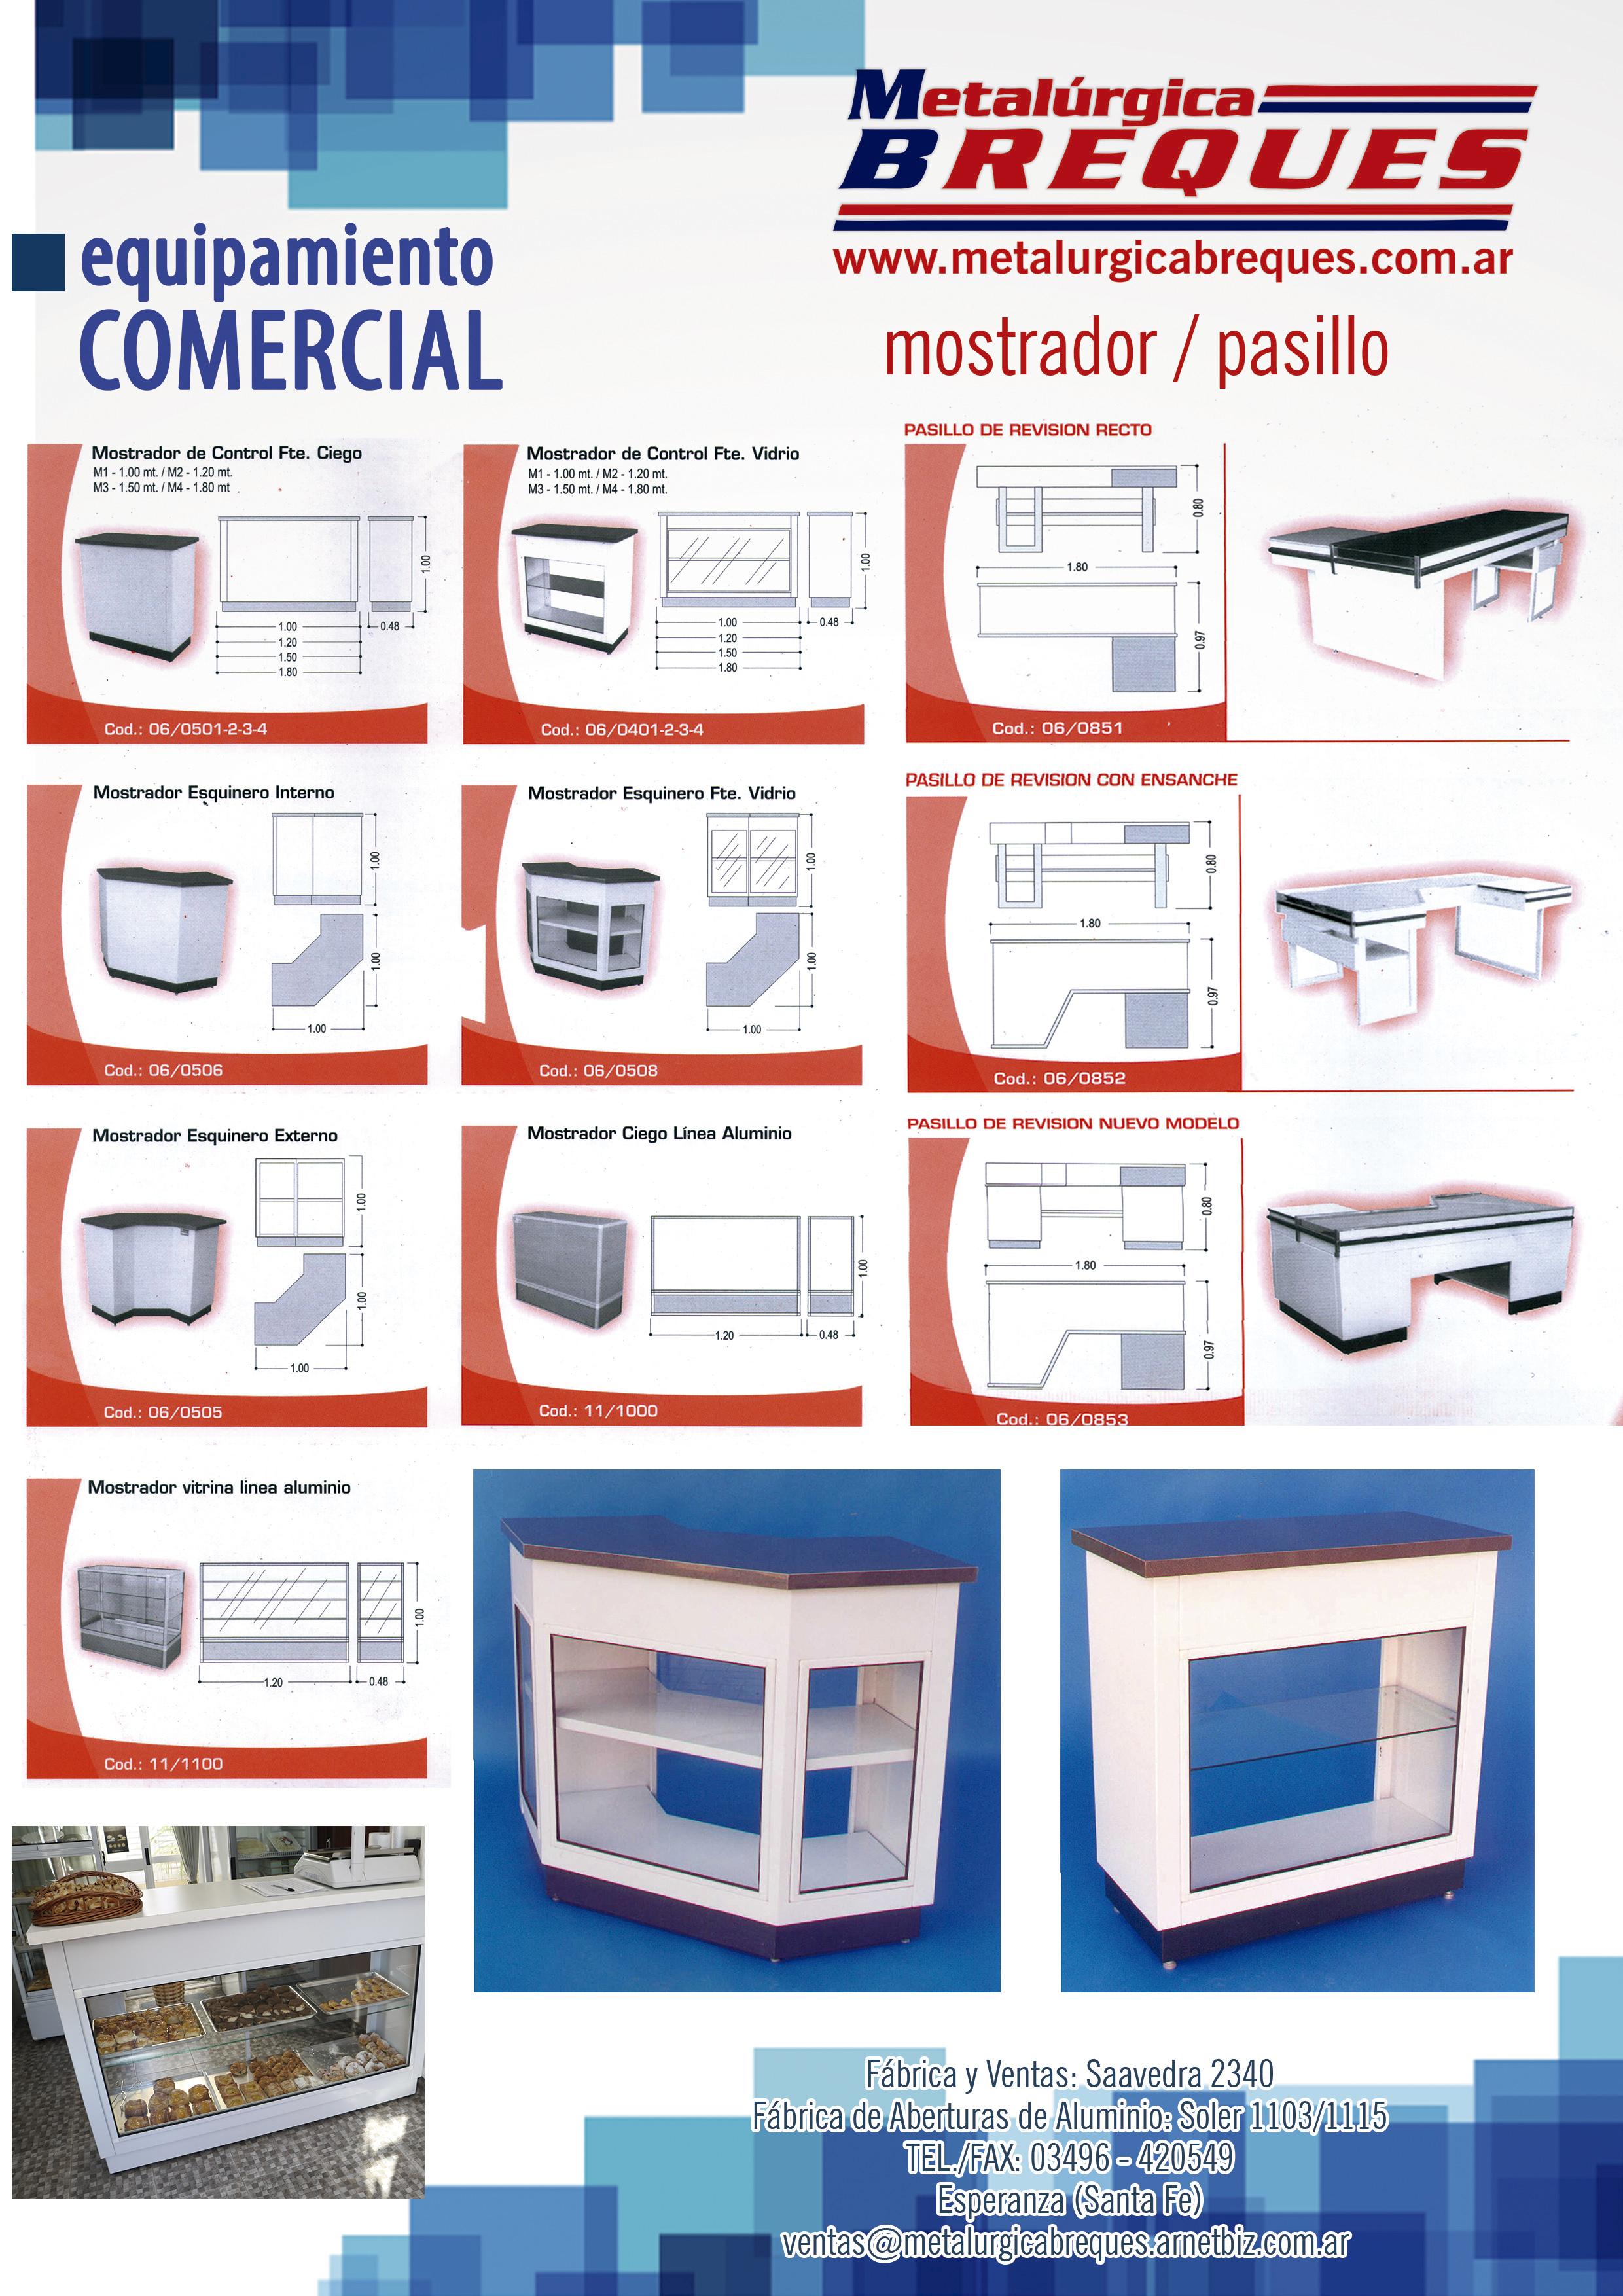 equipamiento comercial-mostrador pasillo